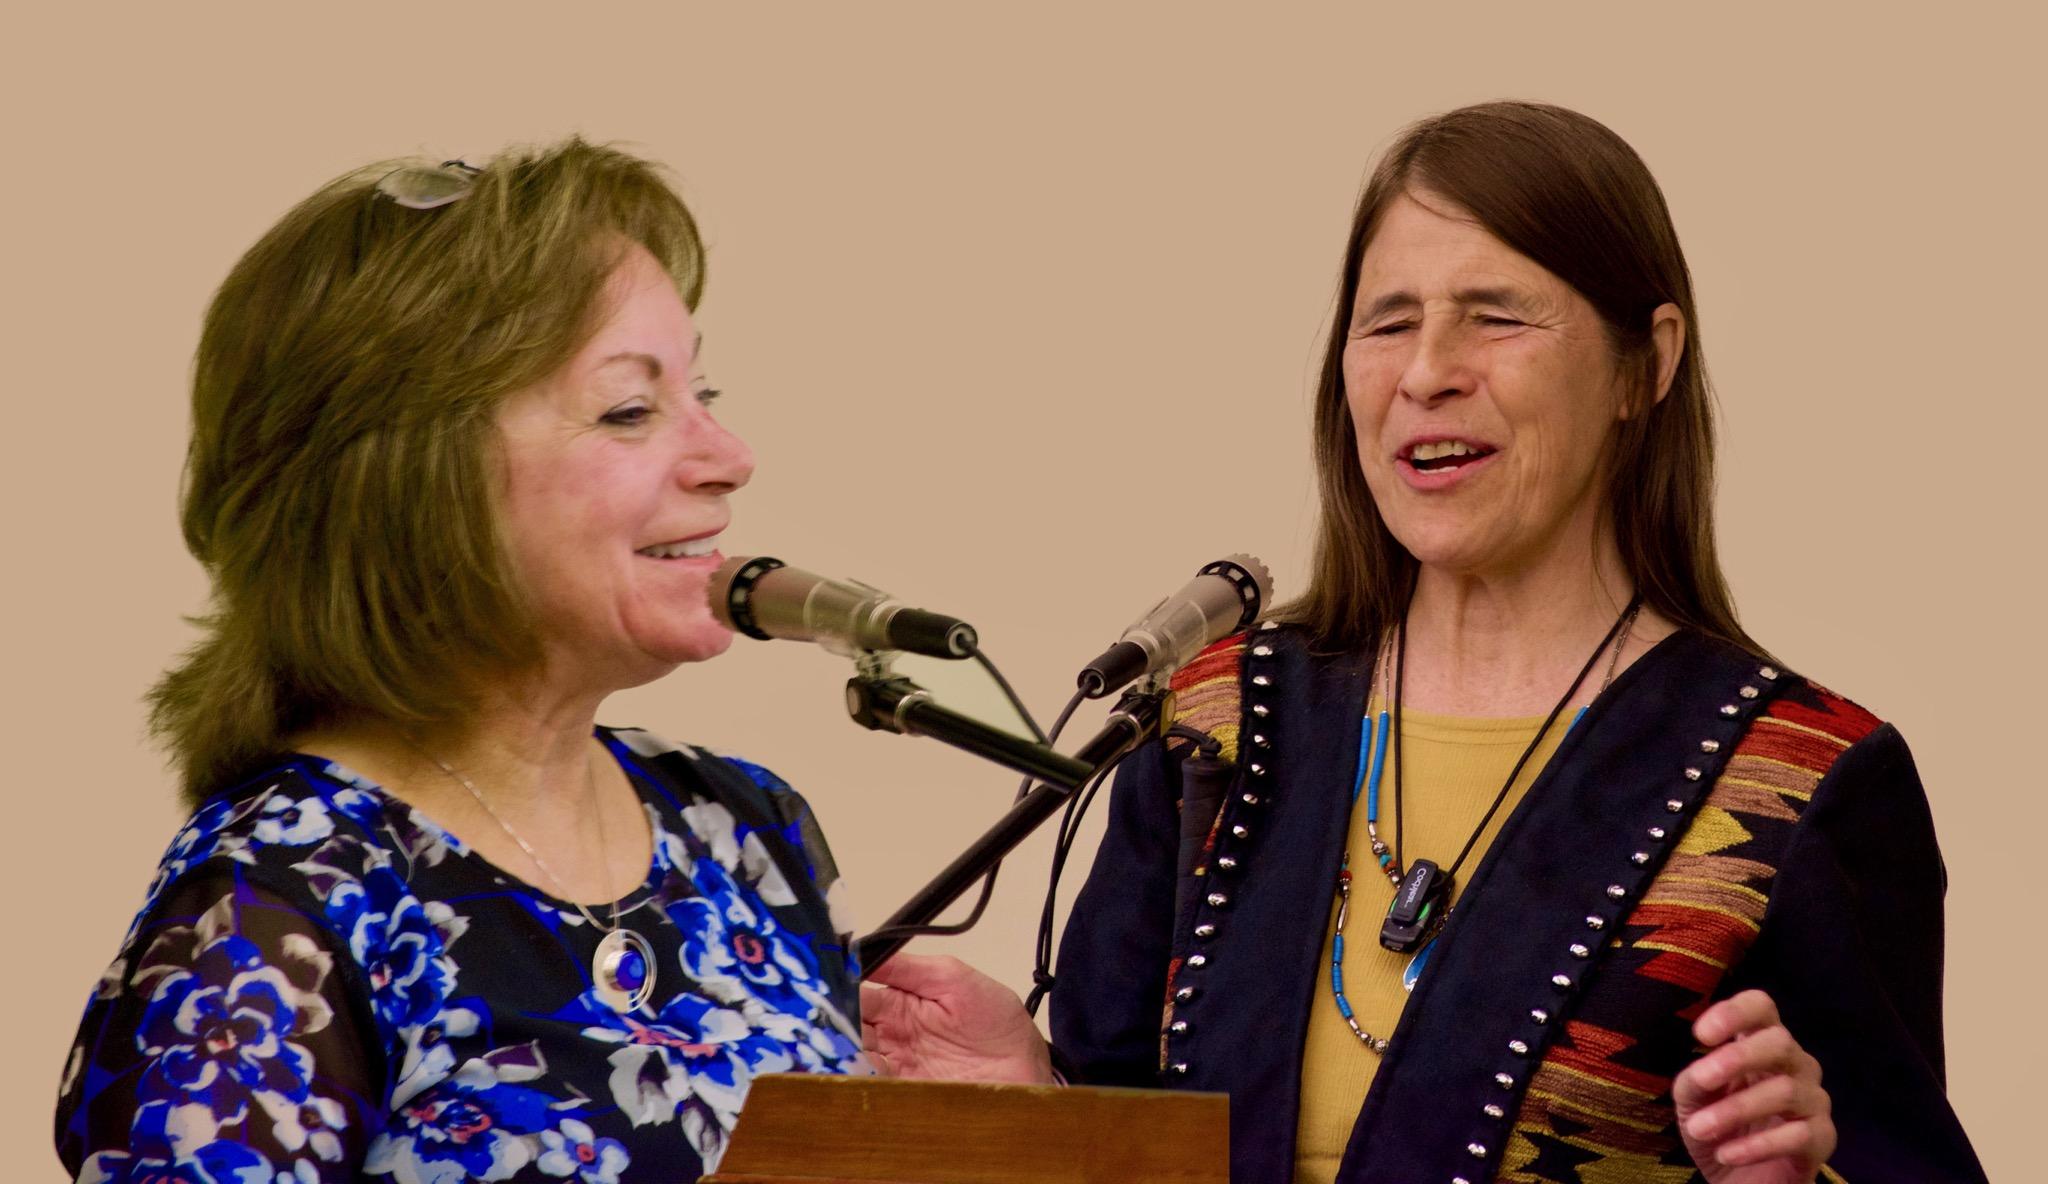 Dianne Primavera and Judy Mares-Dixon at the podium